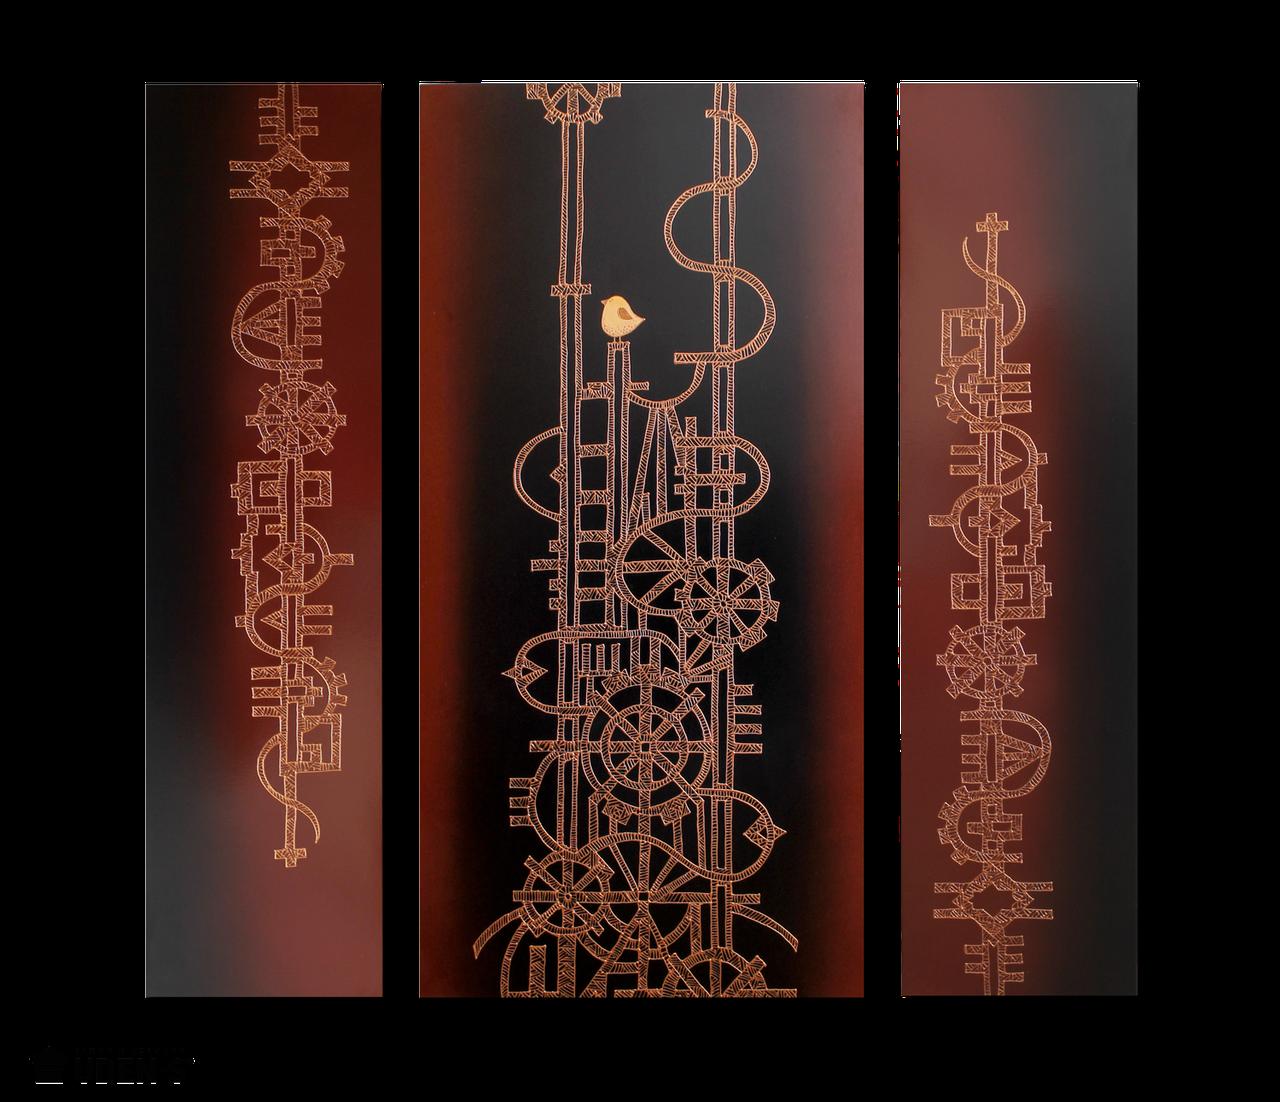 """Керамічний дизайн-обігрівач UDEN-S """"Пробудження"""" (триптих)"""